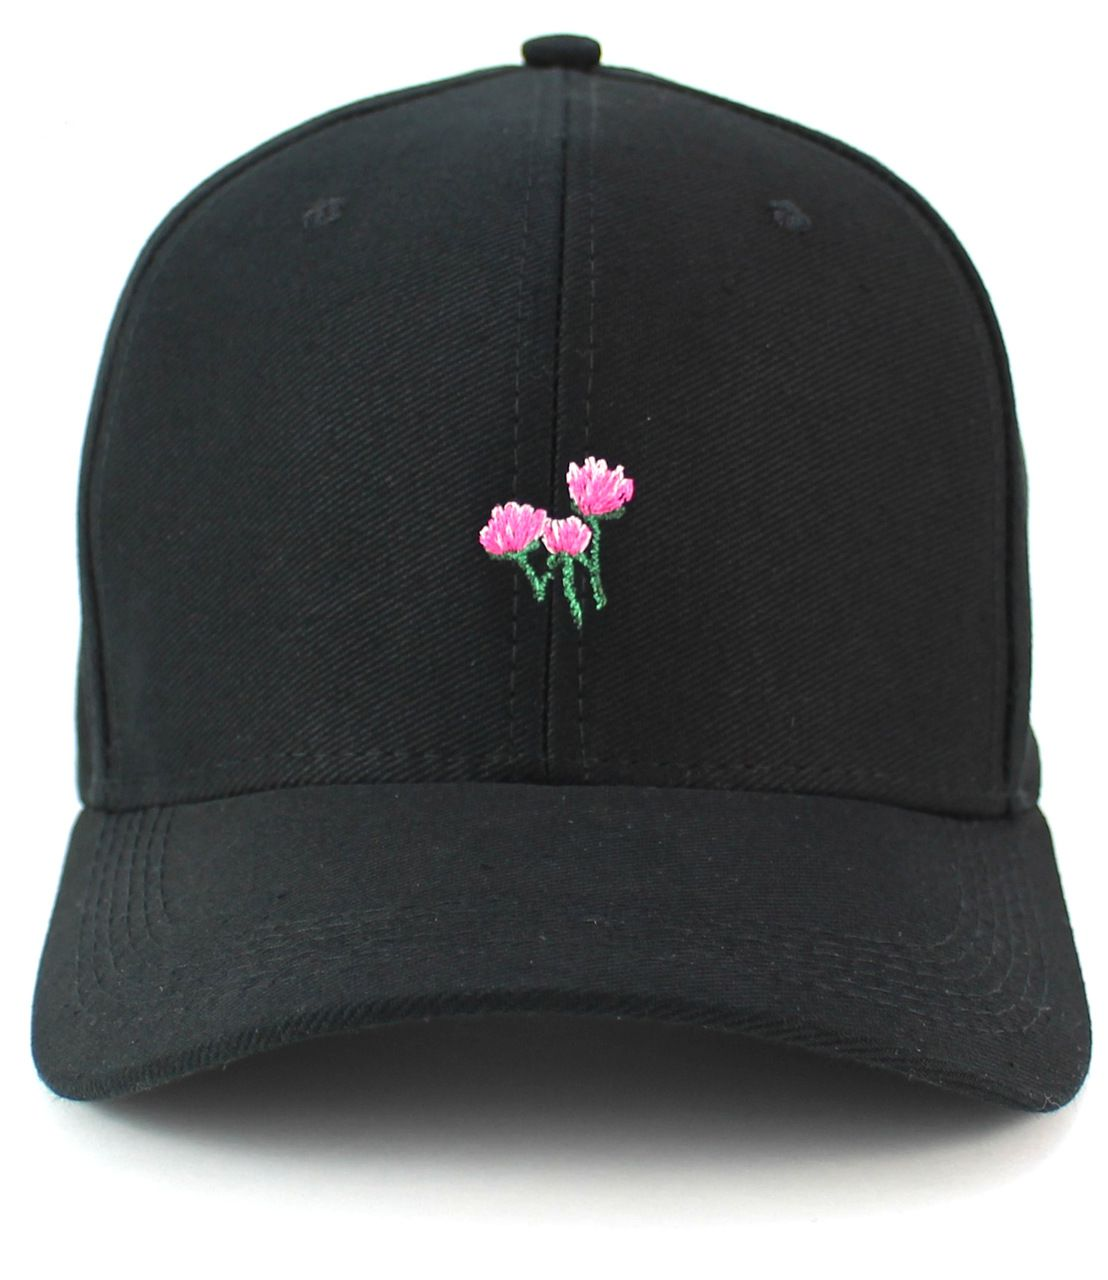 Boné Preto Mini Flores Aba Curva Masculino Feminino - Regulagem por Fita e Fivela